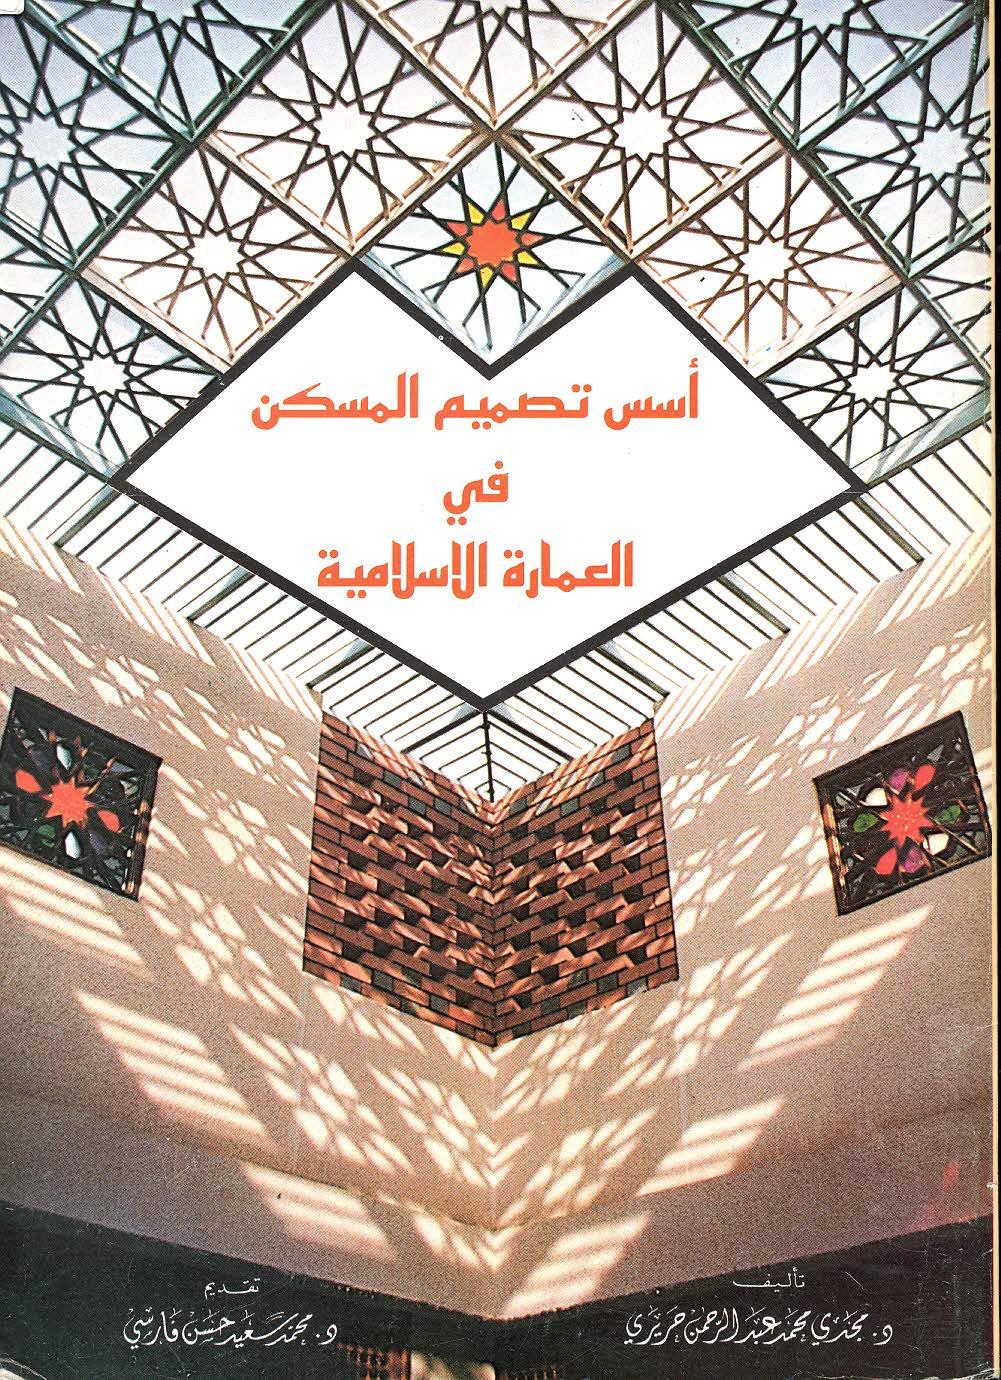 اسس تصميم المسكن في العمارة الاسلامية